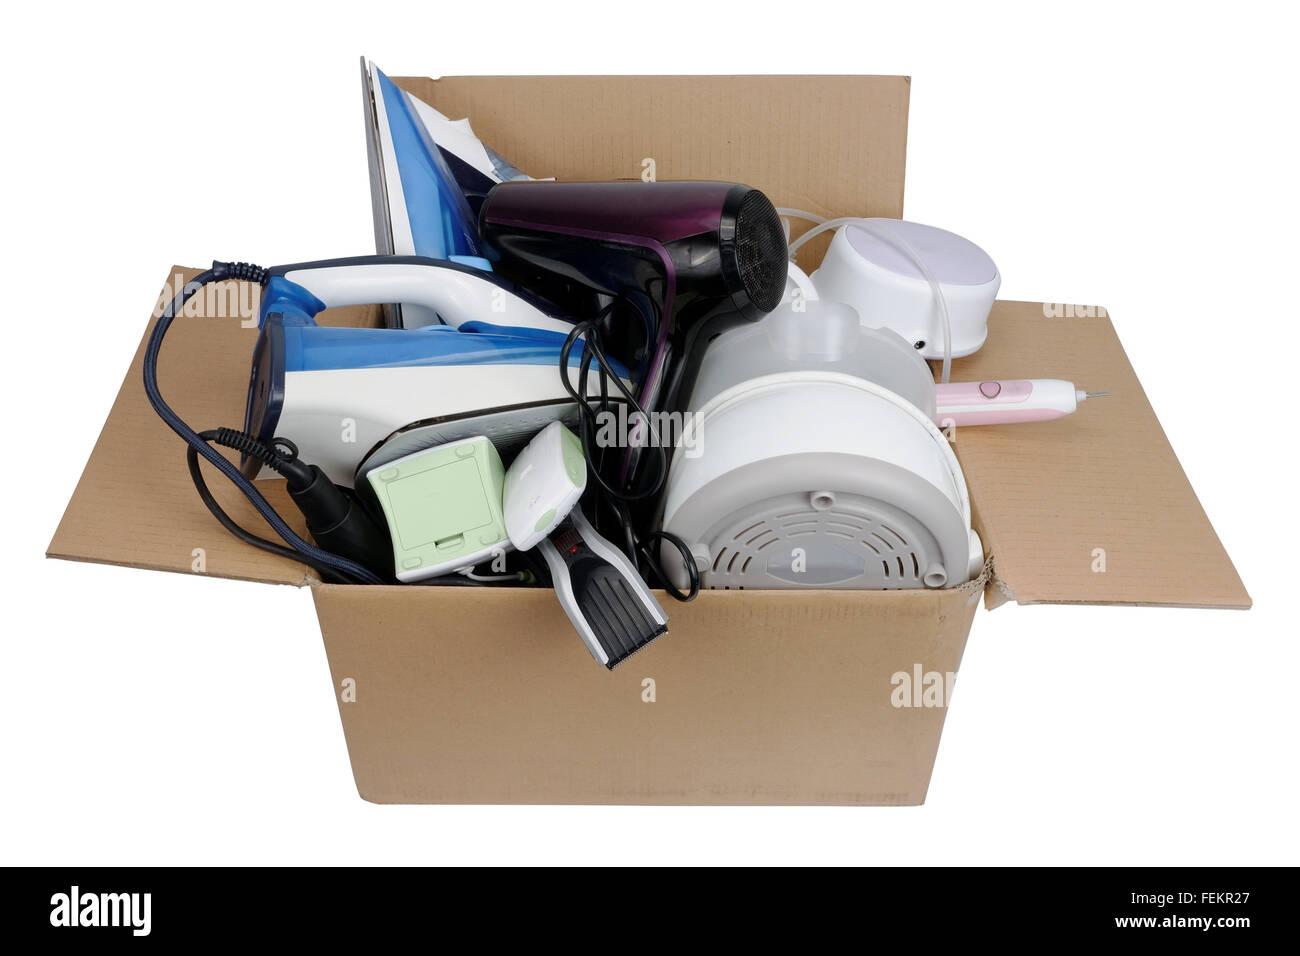 washing machine broken stockfotos washing machine broken bilder alamy. Black Bedroom Furniture Sets. Home Design Ideas